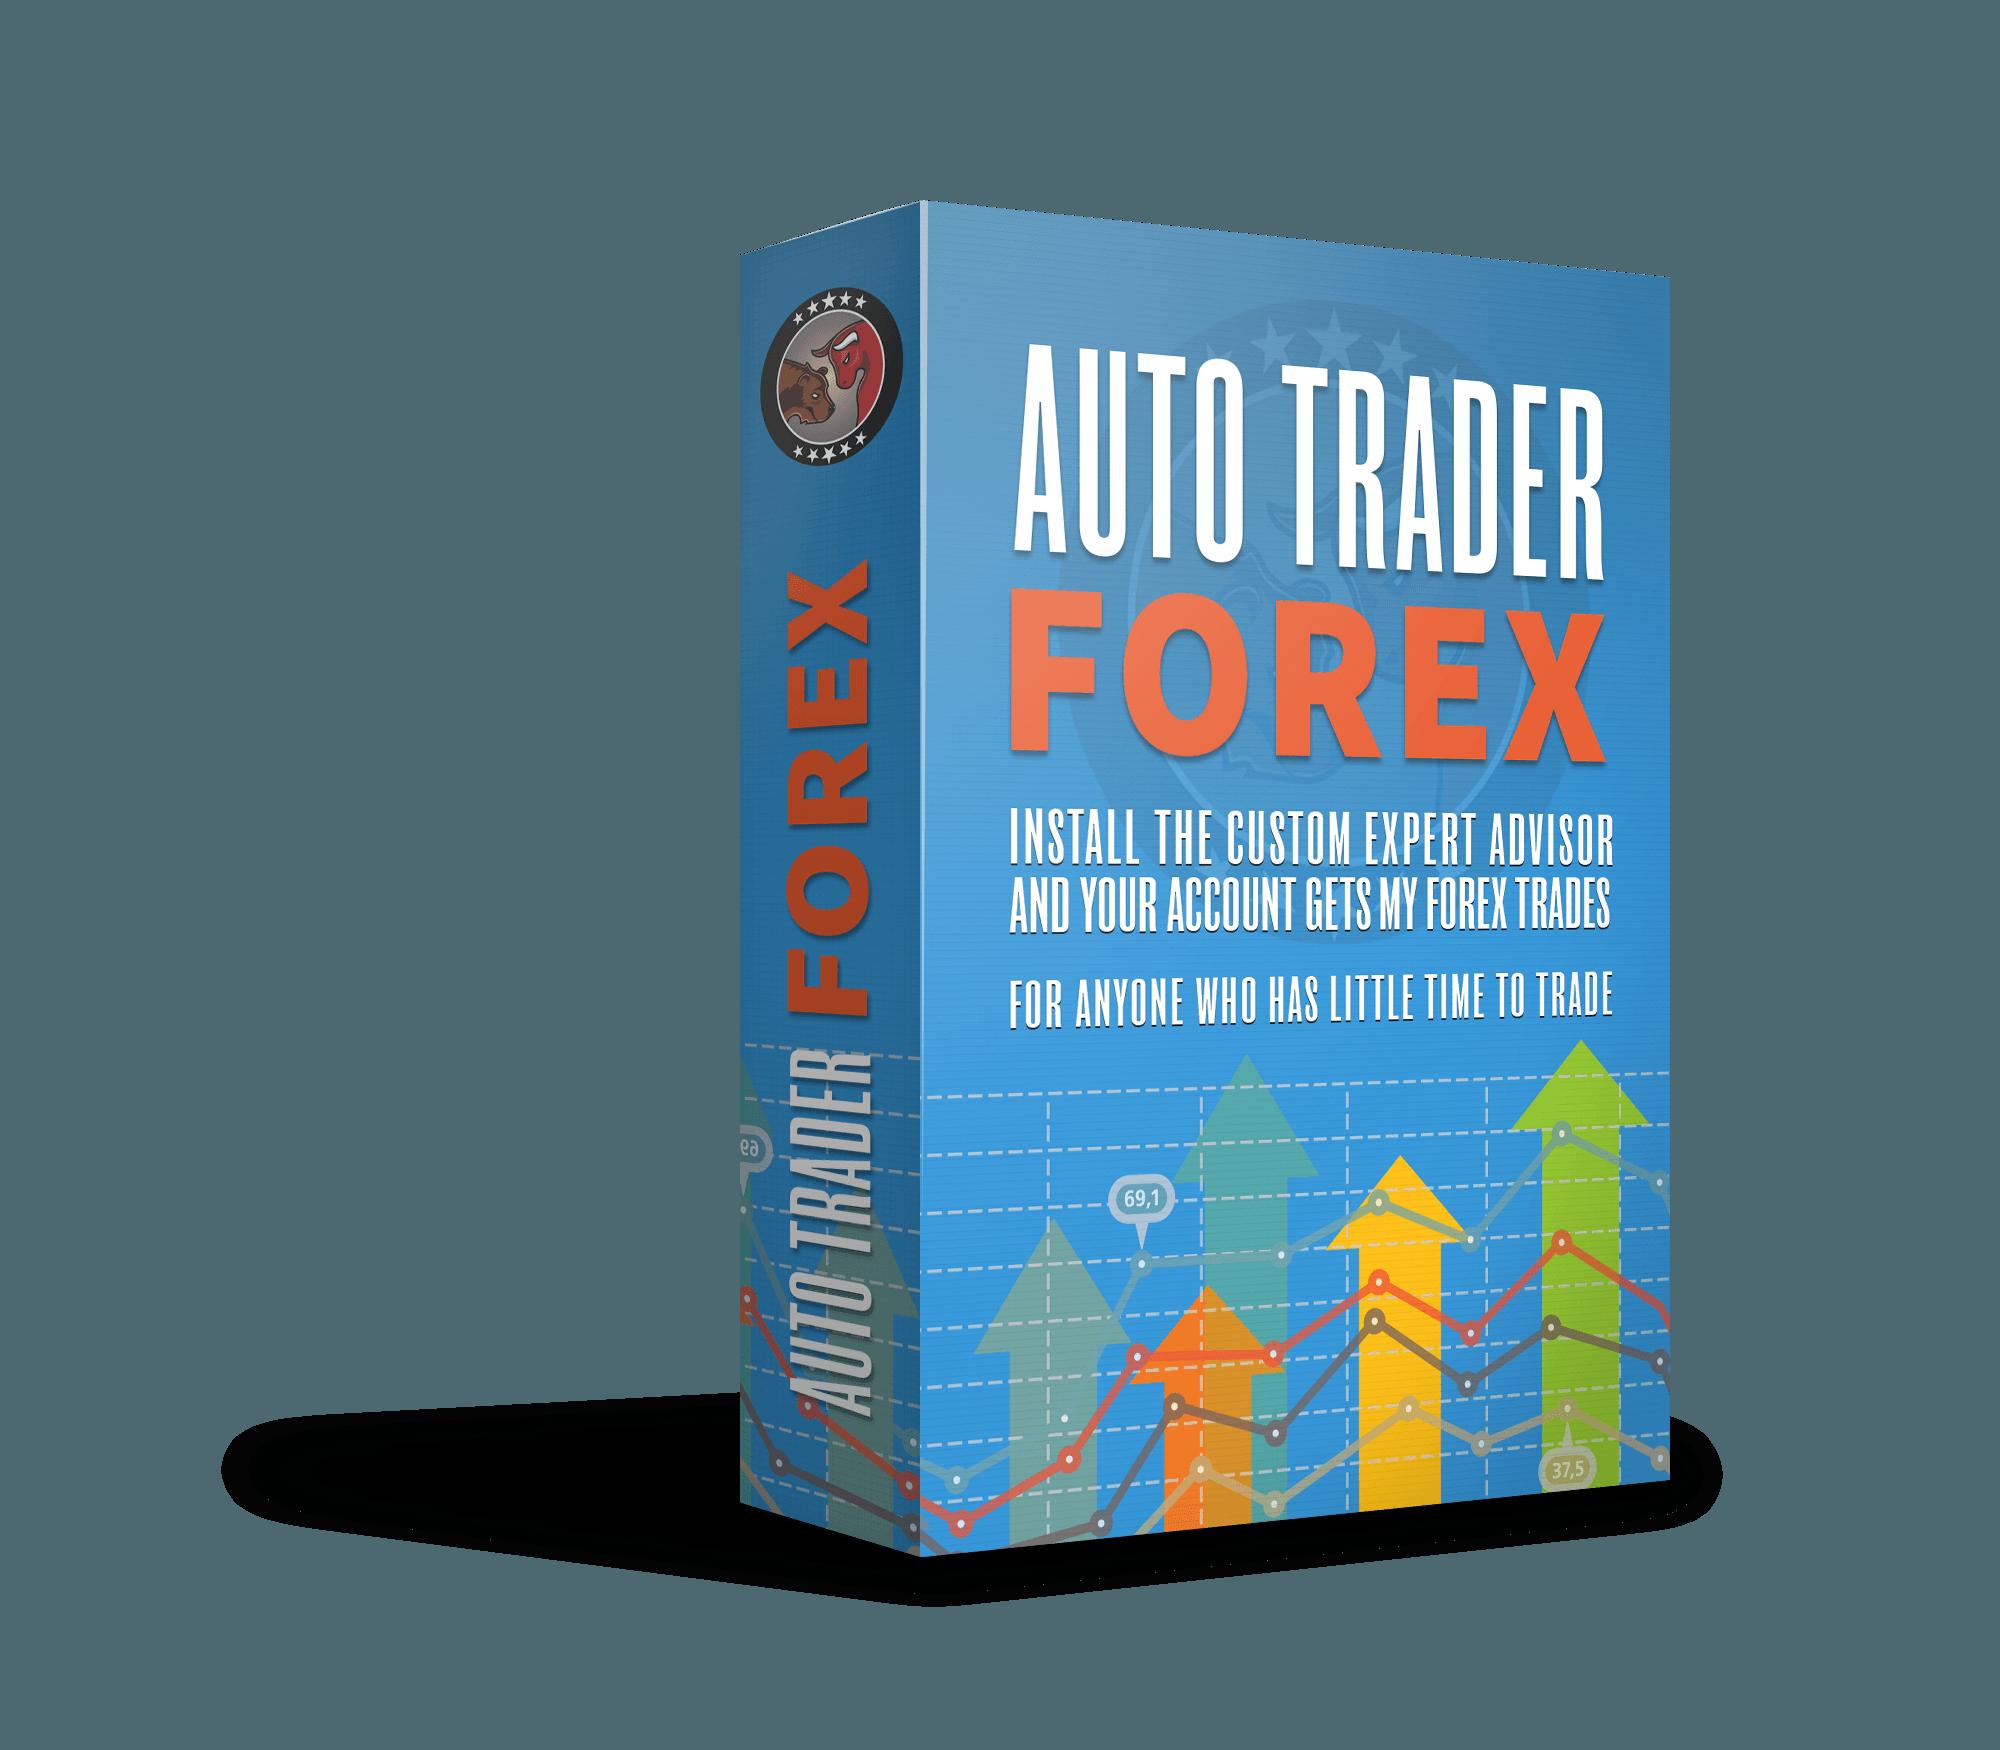 Aeron forex auto trader